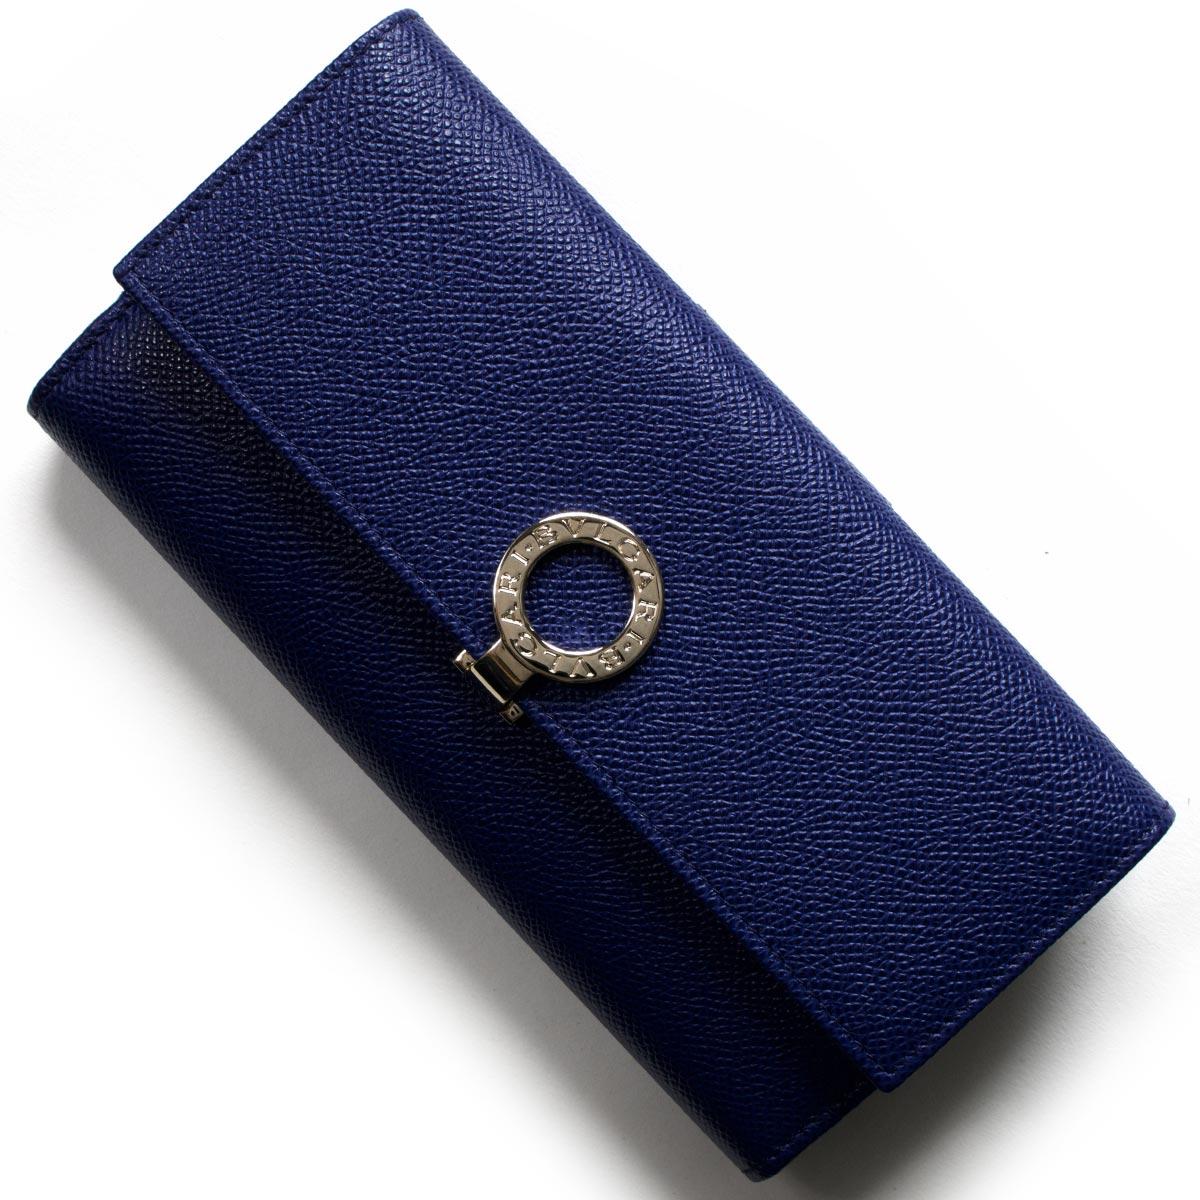 ブルガリ 長財布 財布 レディース ブルガリブルガリ BB ブルーダリア 36316 36316 BVLGARI